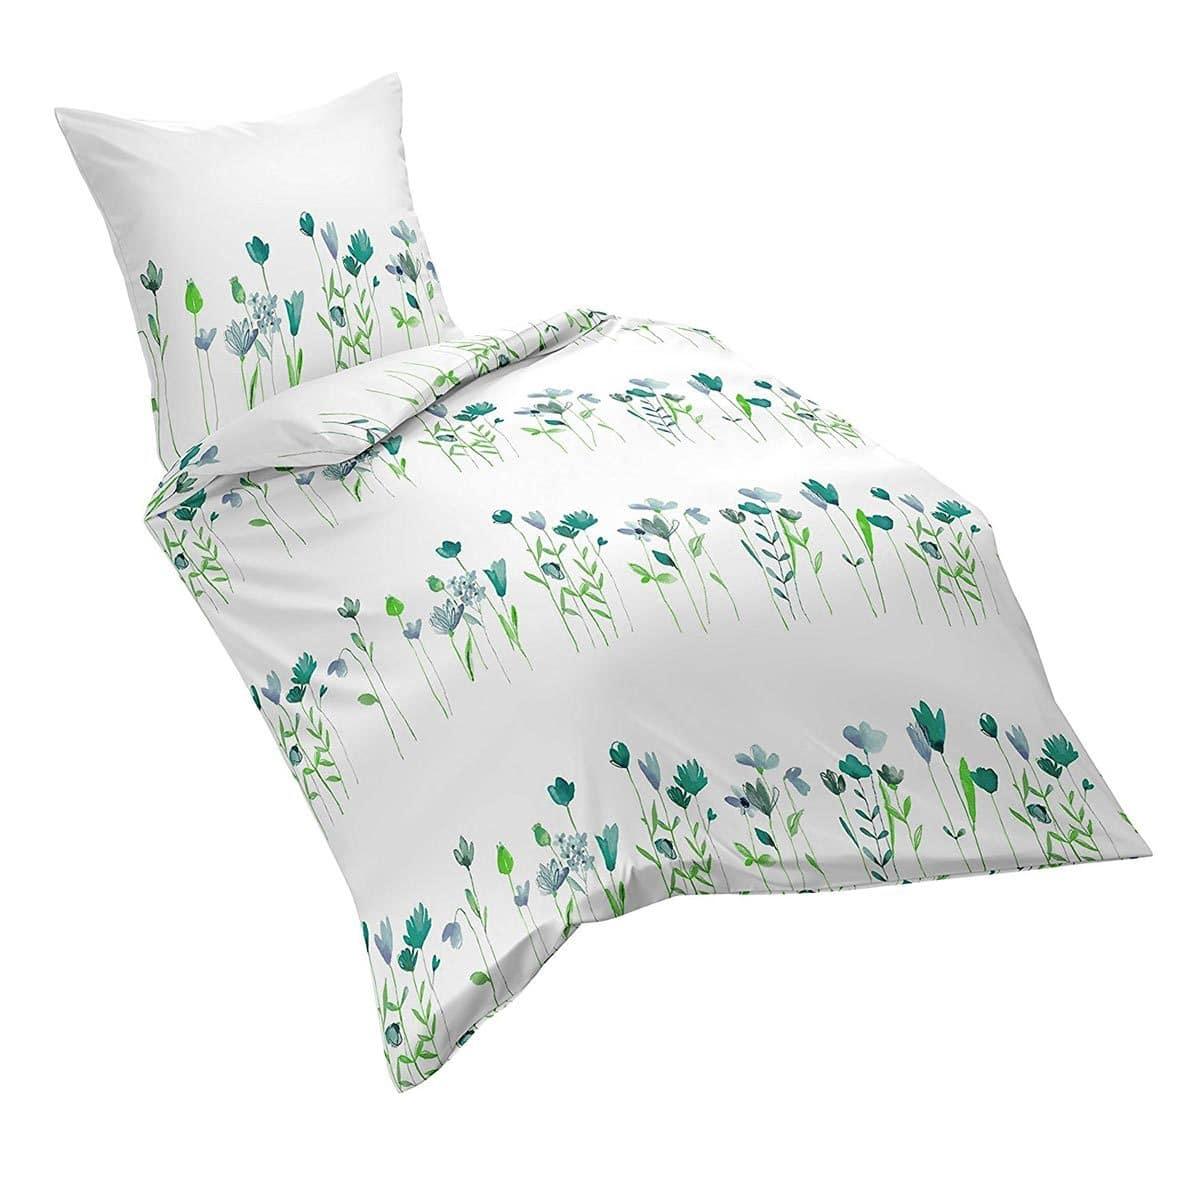 traumschlaf seersucker bettw sche tulpe blau g nstig online kaufen bei bettwaren shop. Black Bedroom Furniture Sets. Home Design Ideas